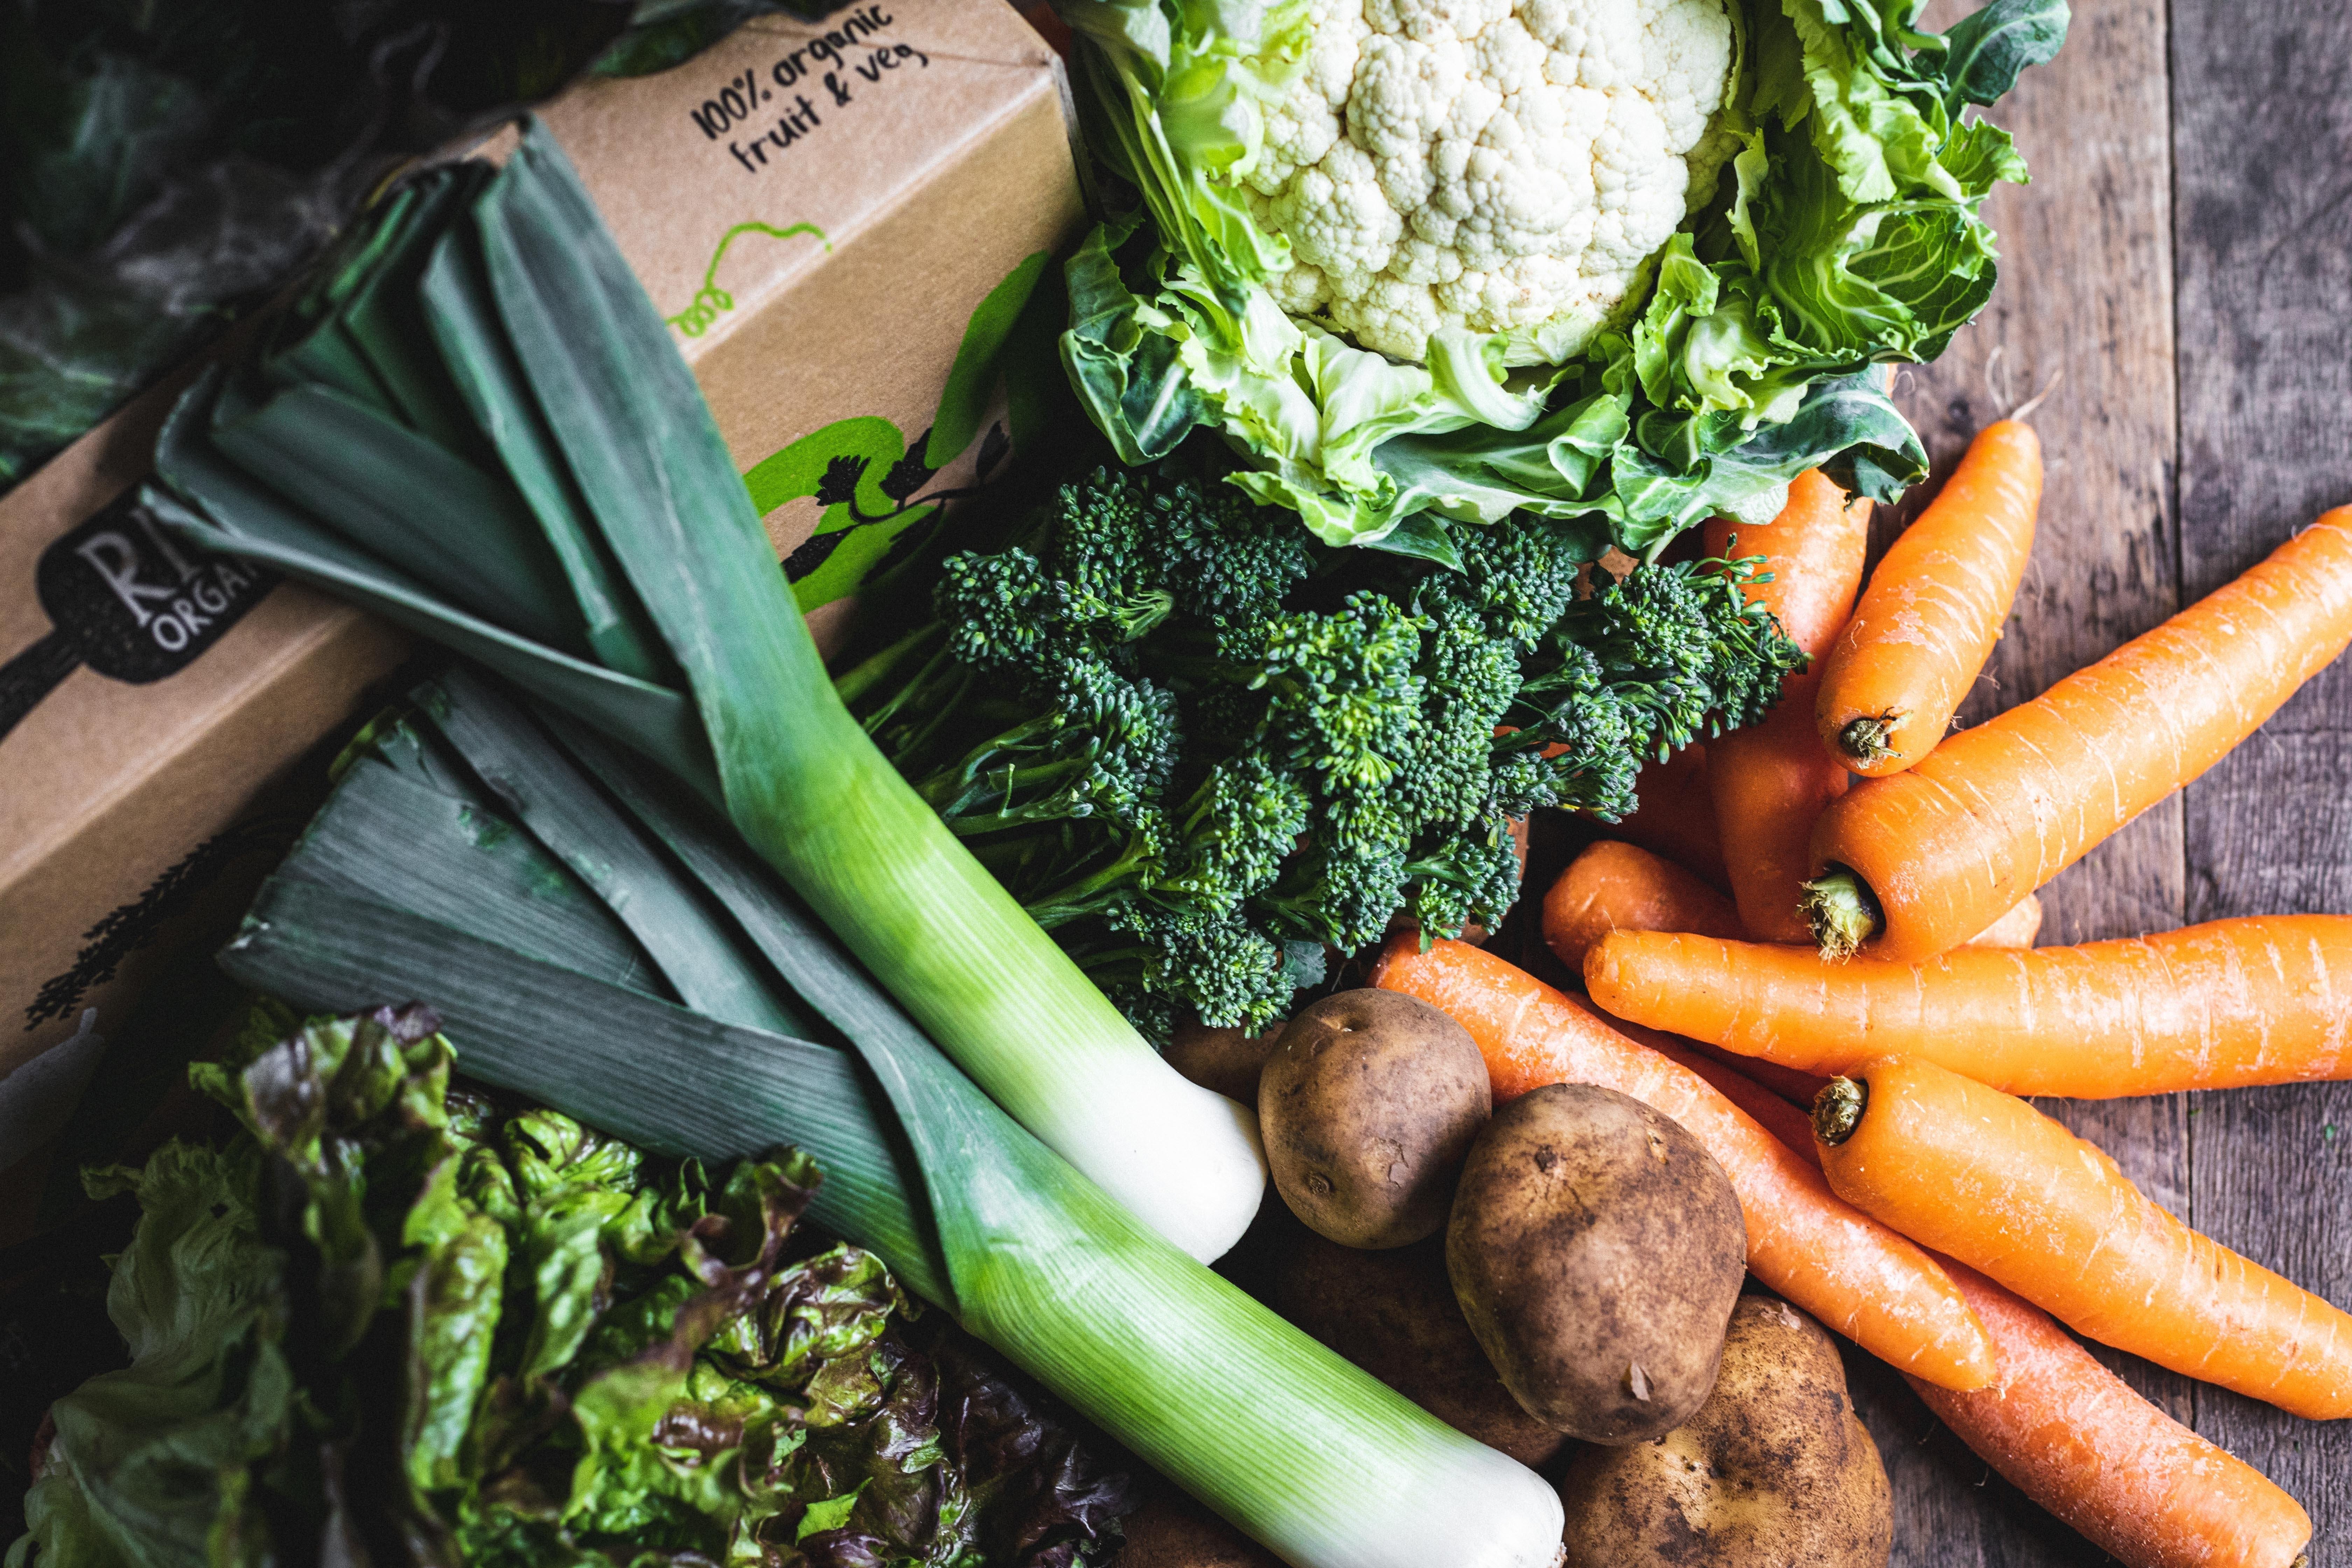 100% UK organic veg box - small